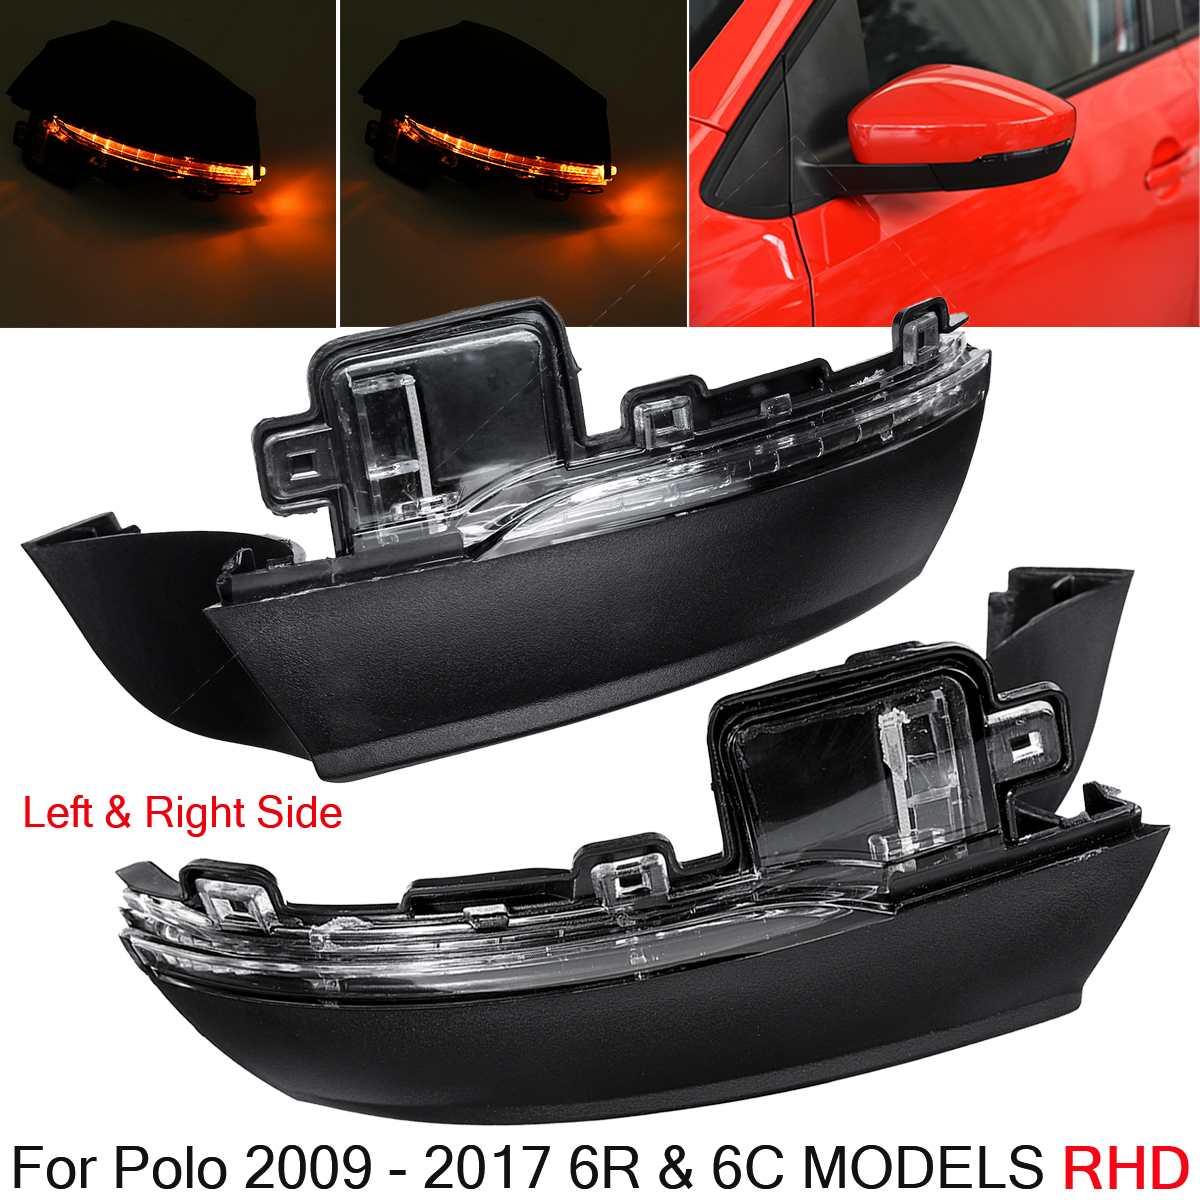 2X Specchio Auto del Segnale di Girata LED Specchietto retrovisore Laterale Indicatore di Direzione Lampeggiante Ripetitore Luce 6R0949101 6R0949102 per VW Polo 6R 6C